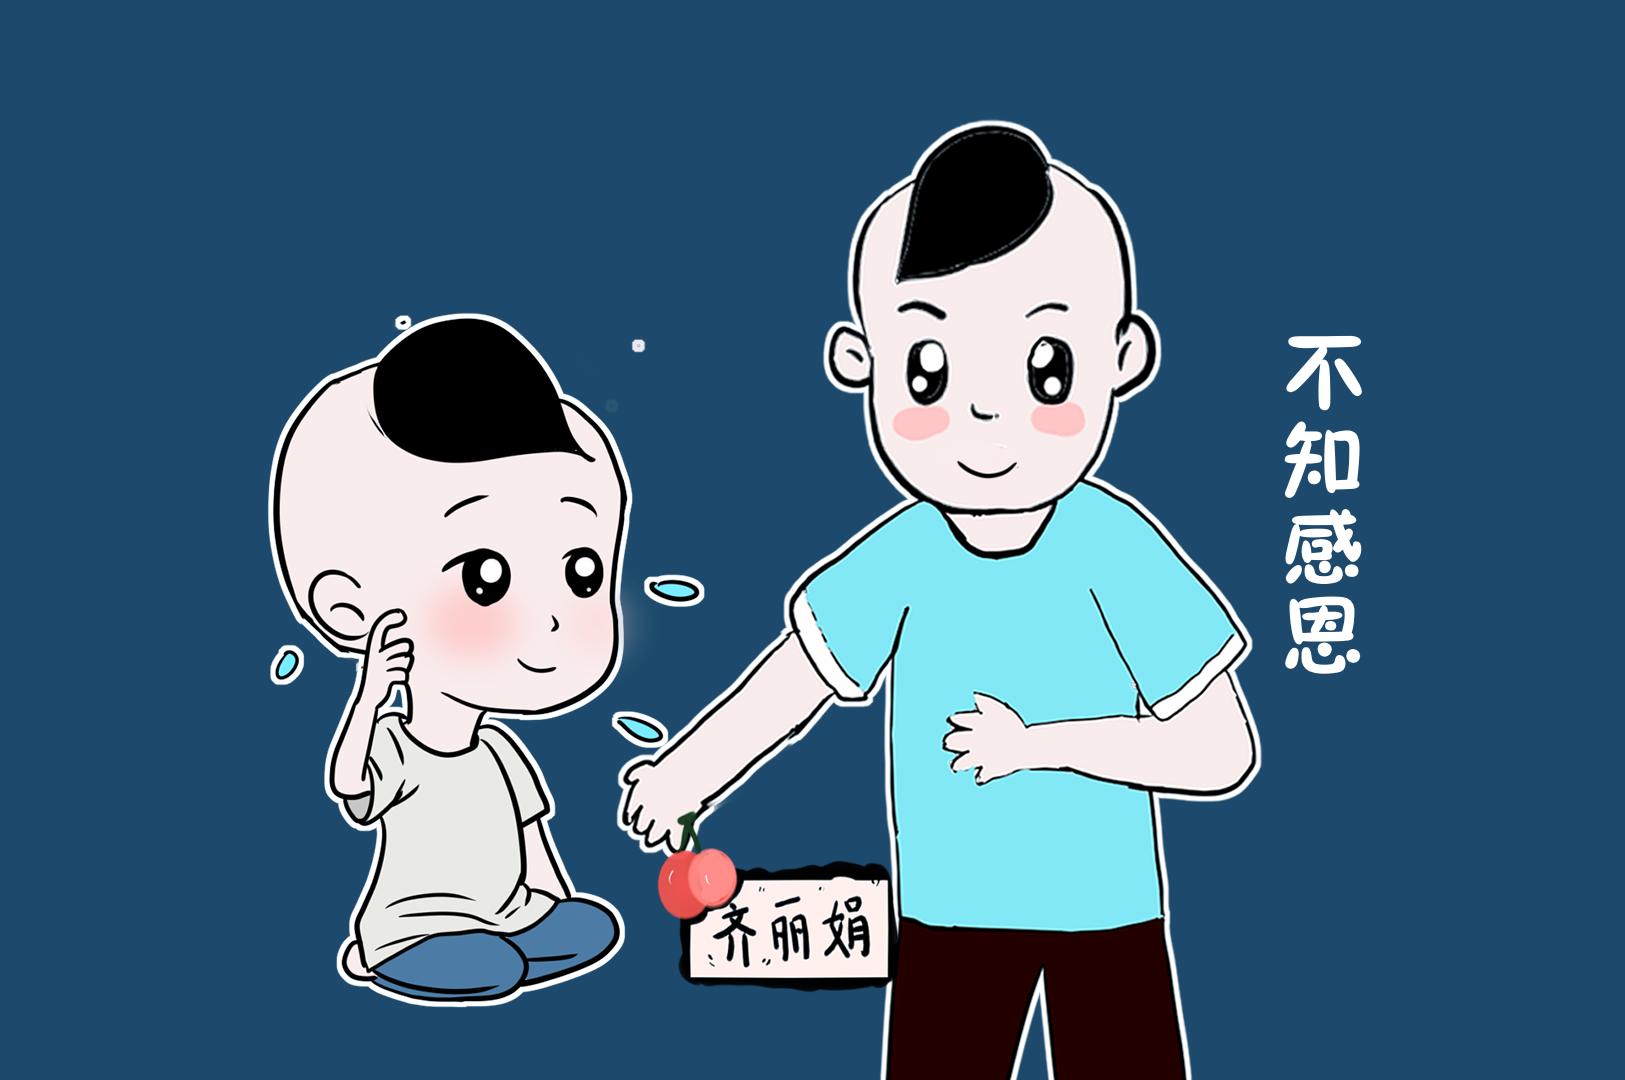 动漫 卡通 漫画 头像 1625_1080图片